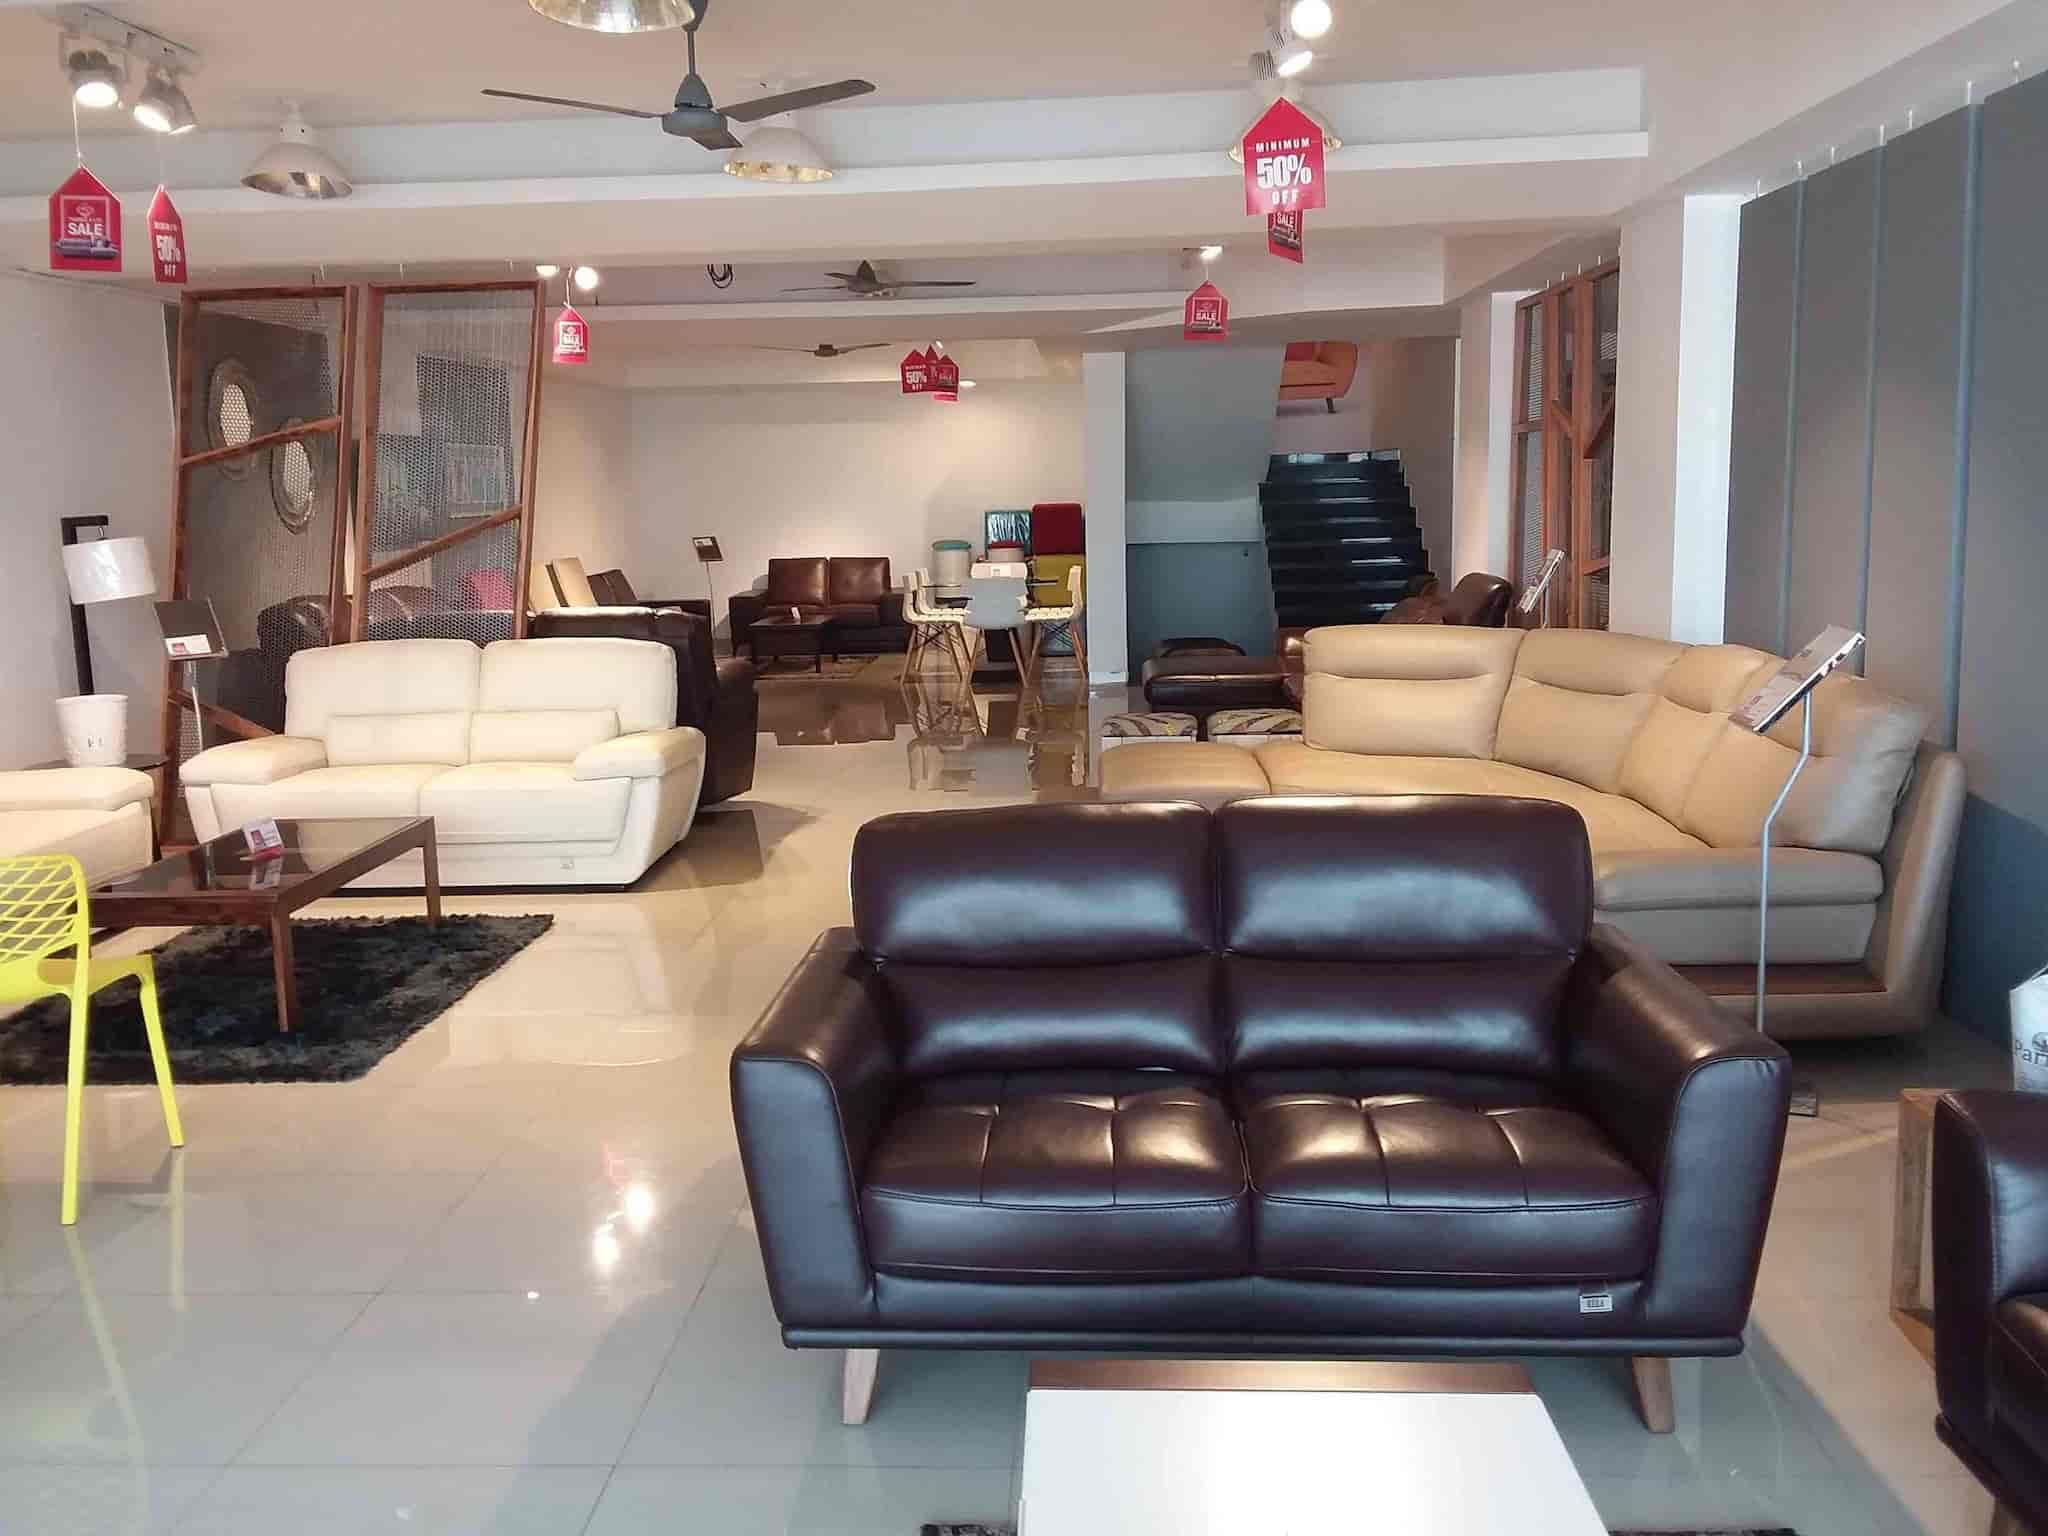 Furniture World Waltair Main Road Dealers In Visakhapatnam Justdial